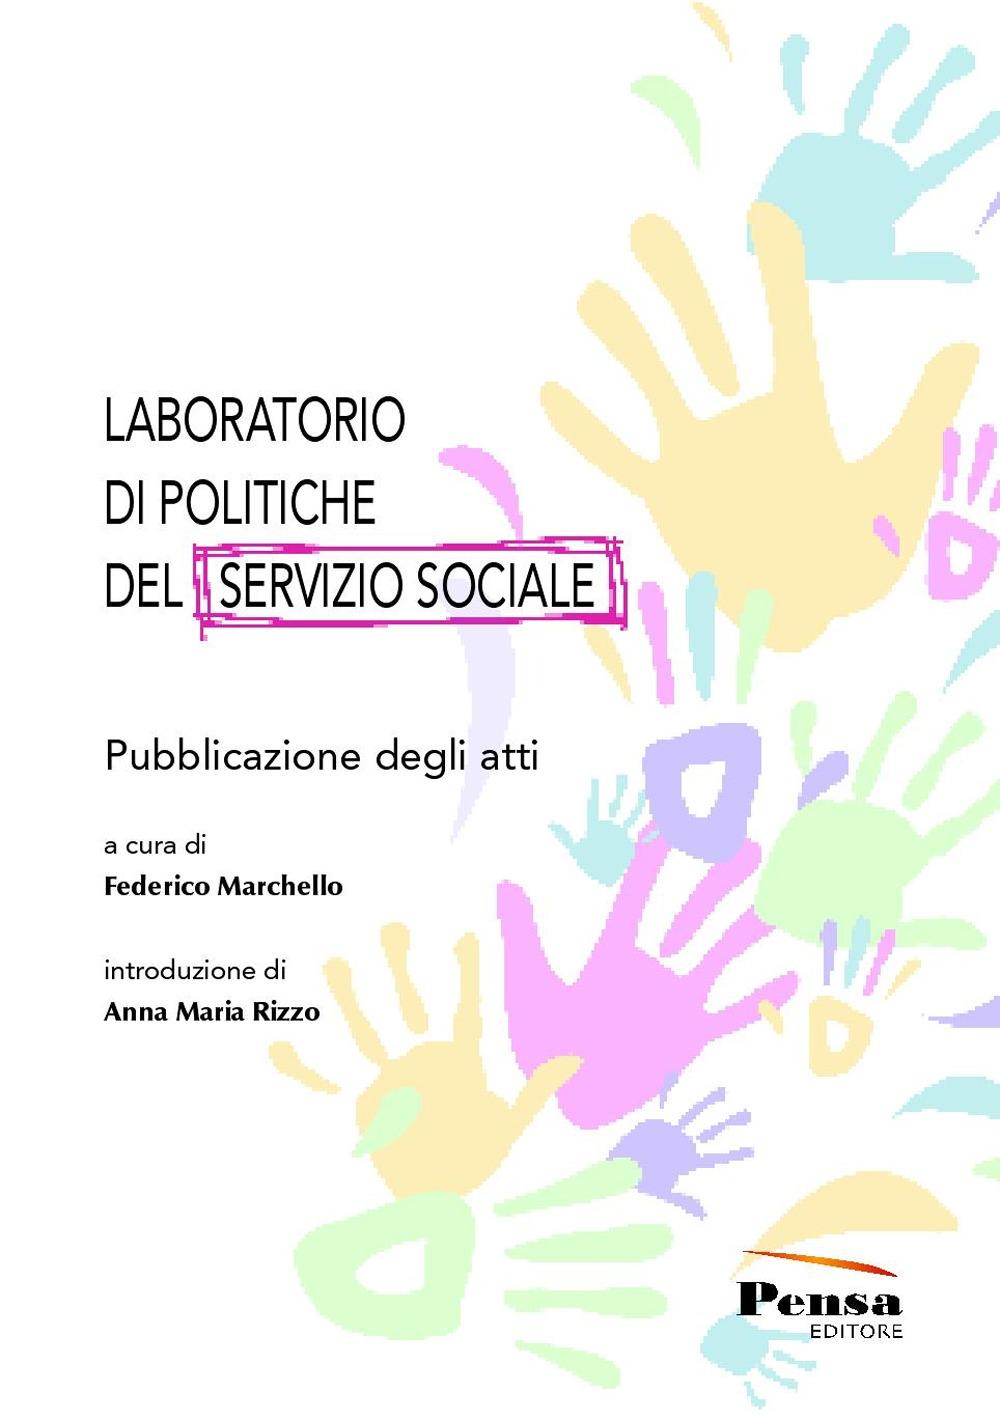 Laboratorio di politiche del servizio sociale. Pubblicazione degli atti